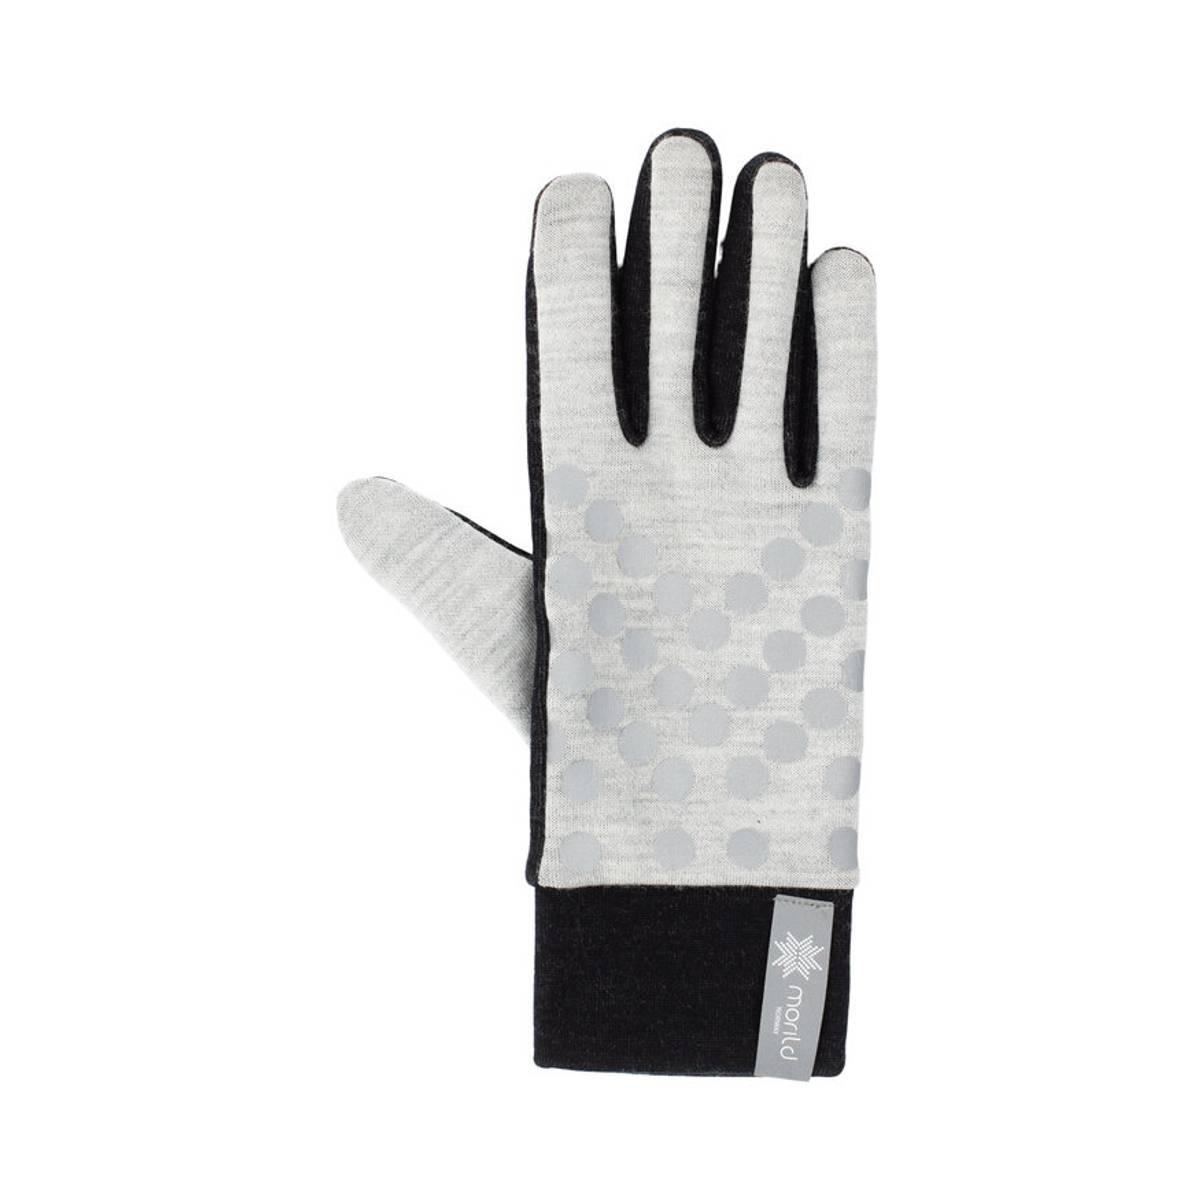 Morild Sølvfaks hansker med refleks, lys grå